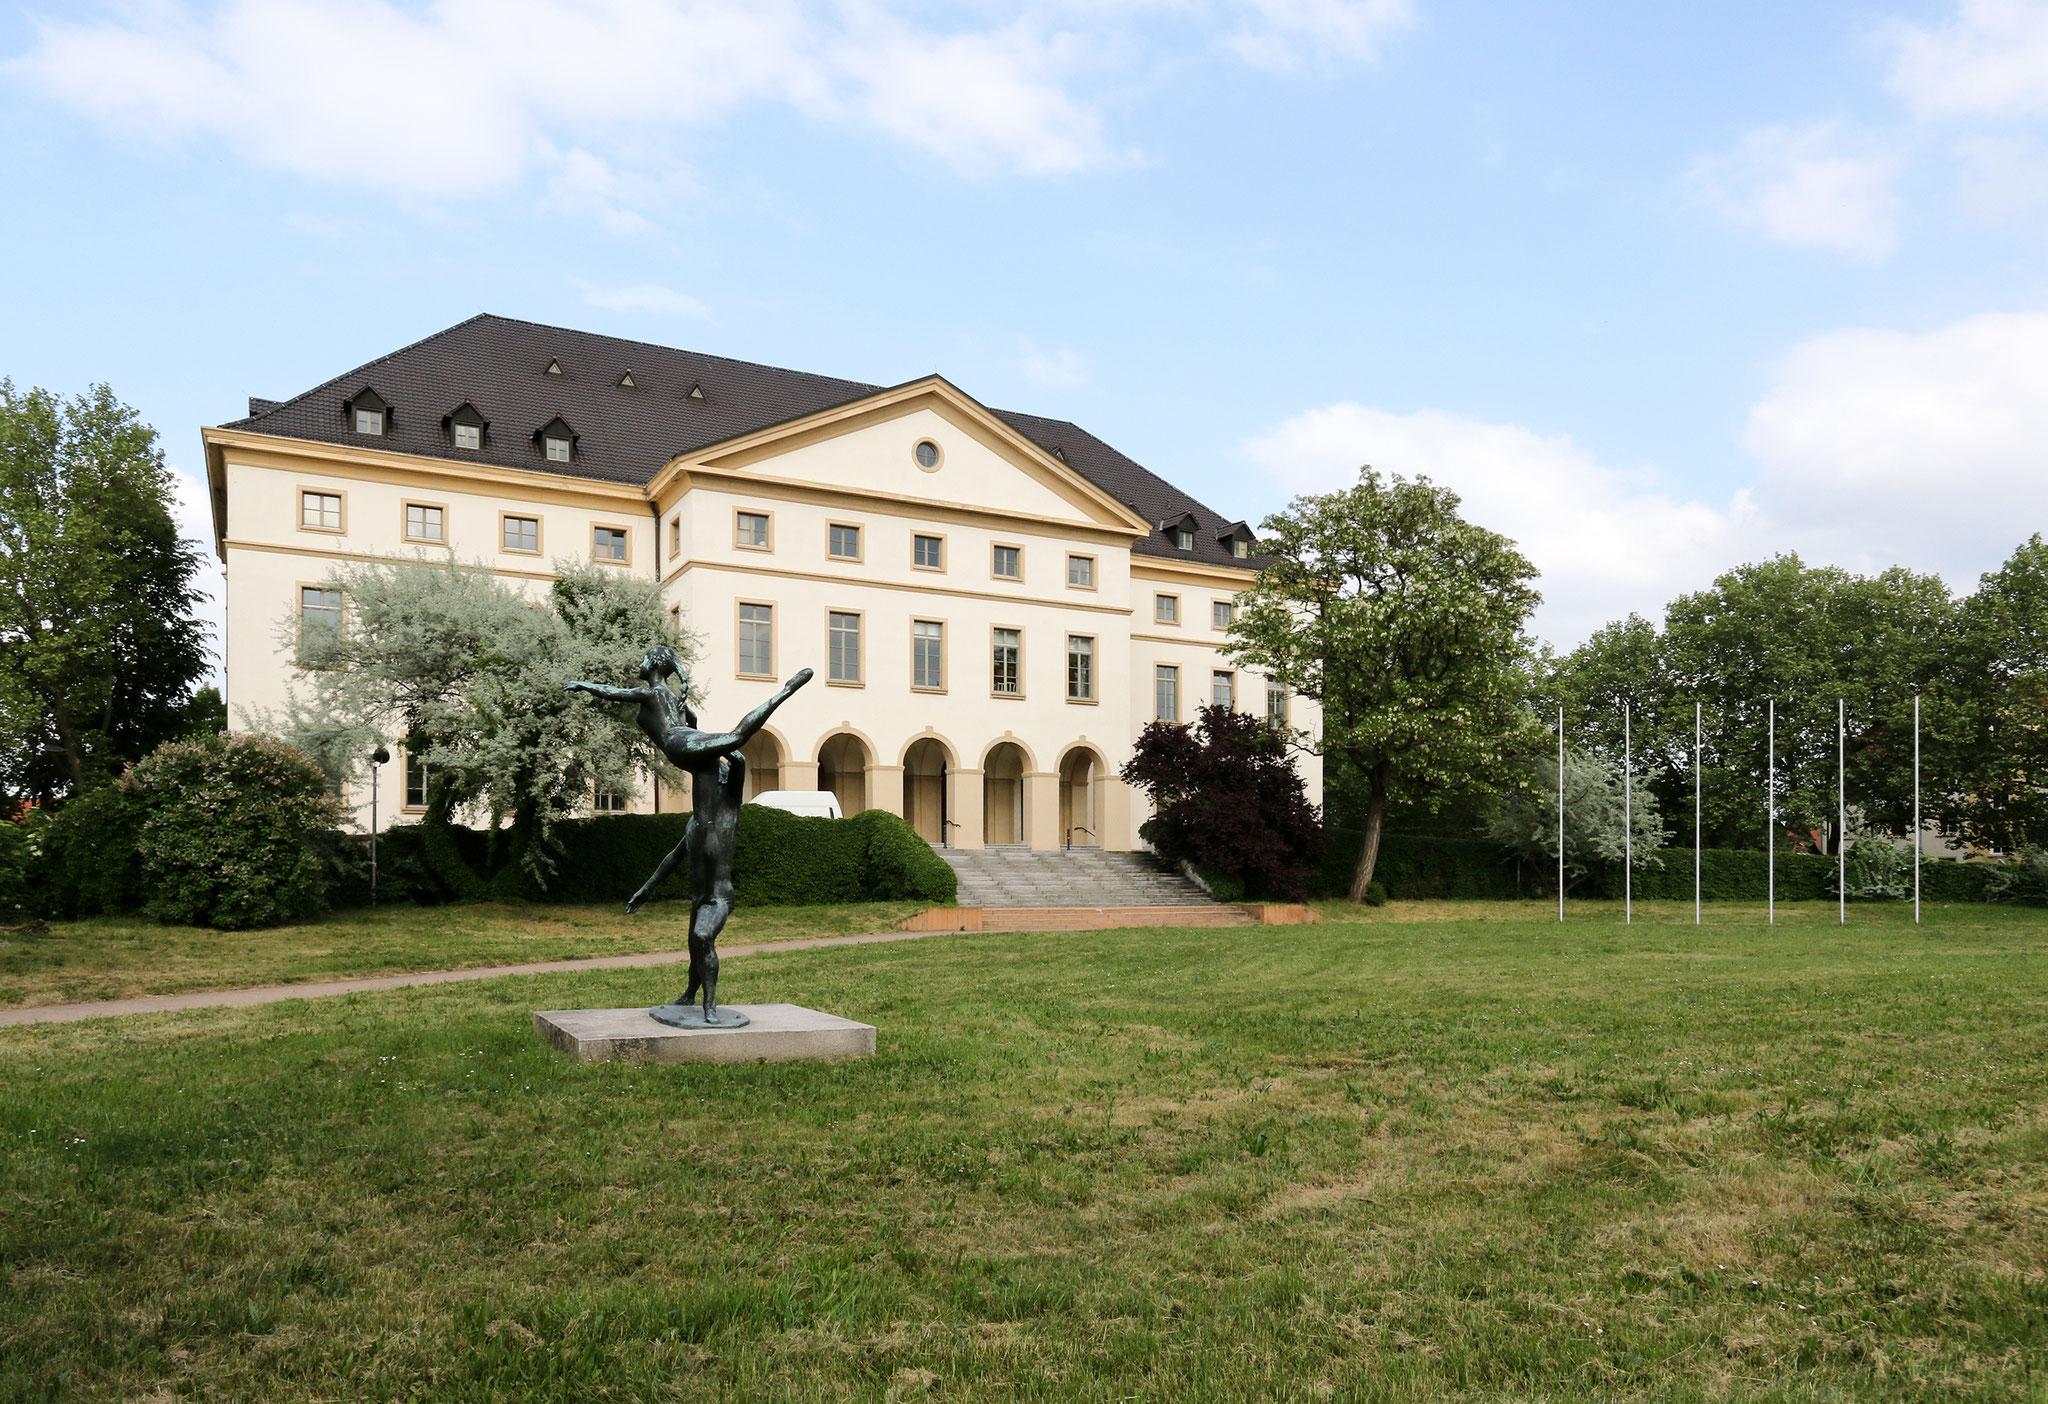 """Klubhaus der Werktätigen """"Walter Ulbricht"""" Leuna-Werke (1927-28)"""